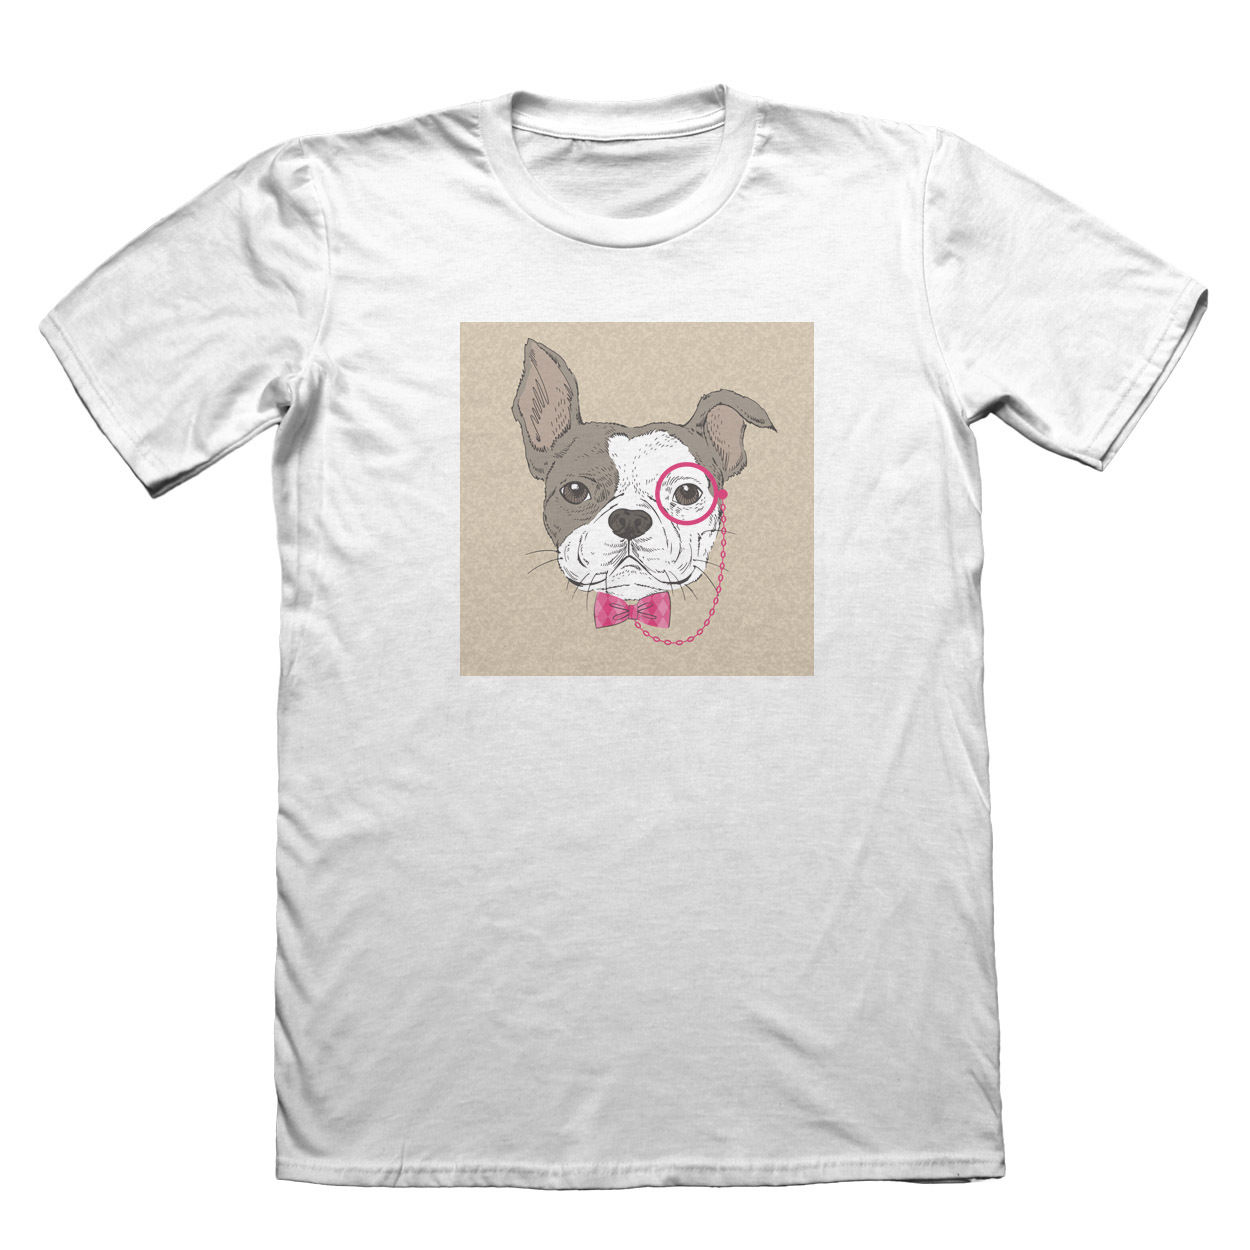 Cool Dog Pug T-Shirt - Fathers Day Christmas Gift #7519